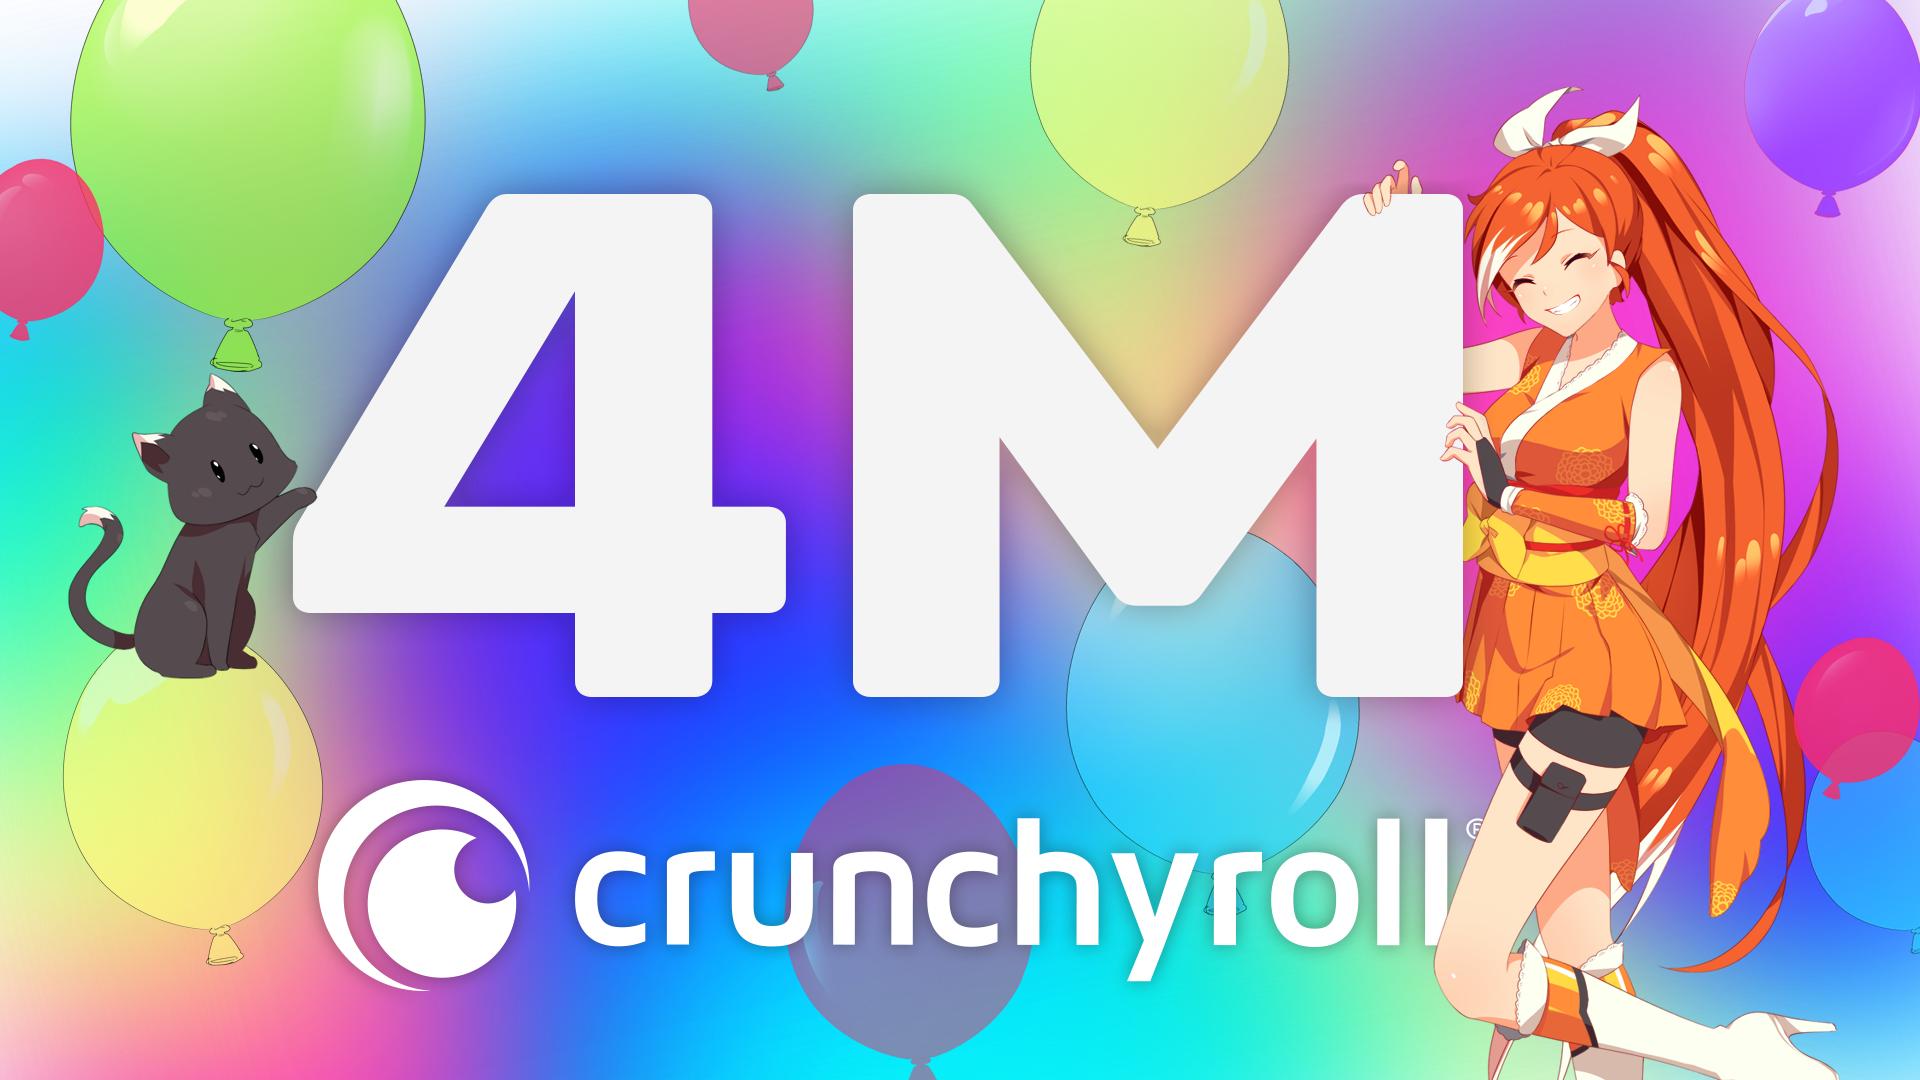 Crunchyroll alcança 4 Milhões de assinantes e anuncia projeto com Idris Elba